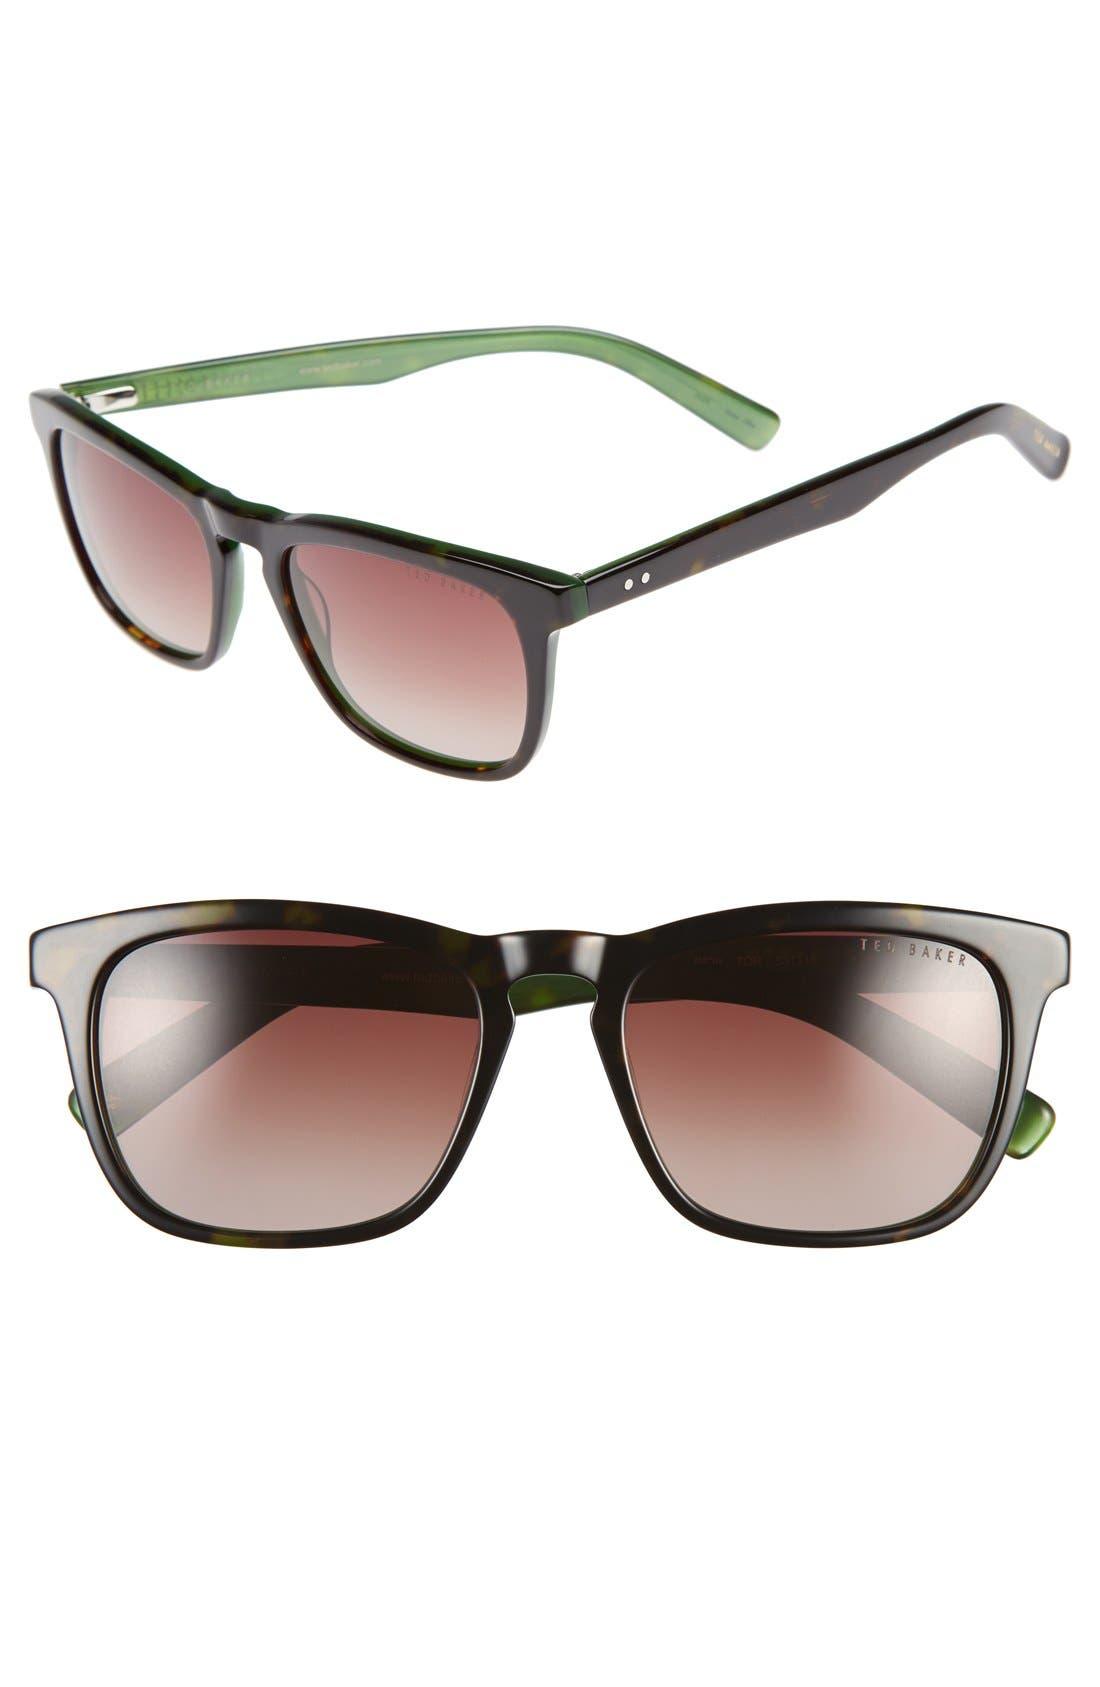 Ted Baker London 53mm Sunglasses